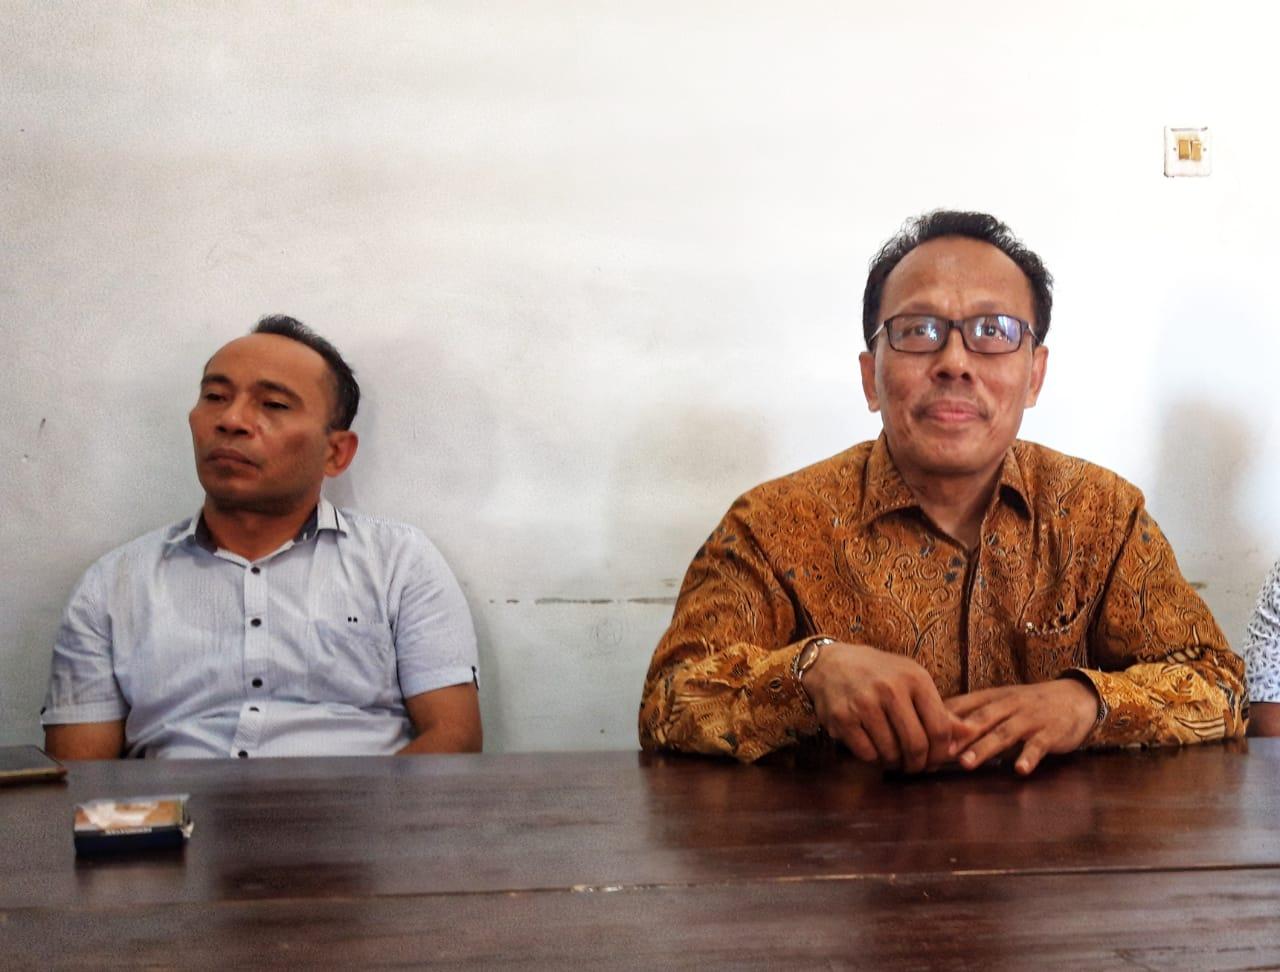 Ketgam : Bakal Calon Bupati Muna, Syarifuddin Udu didampingi ketua tim Muna bangkit Amin Rambega